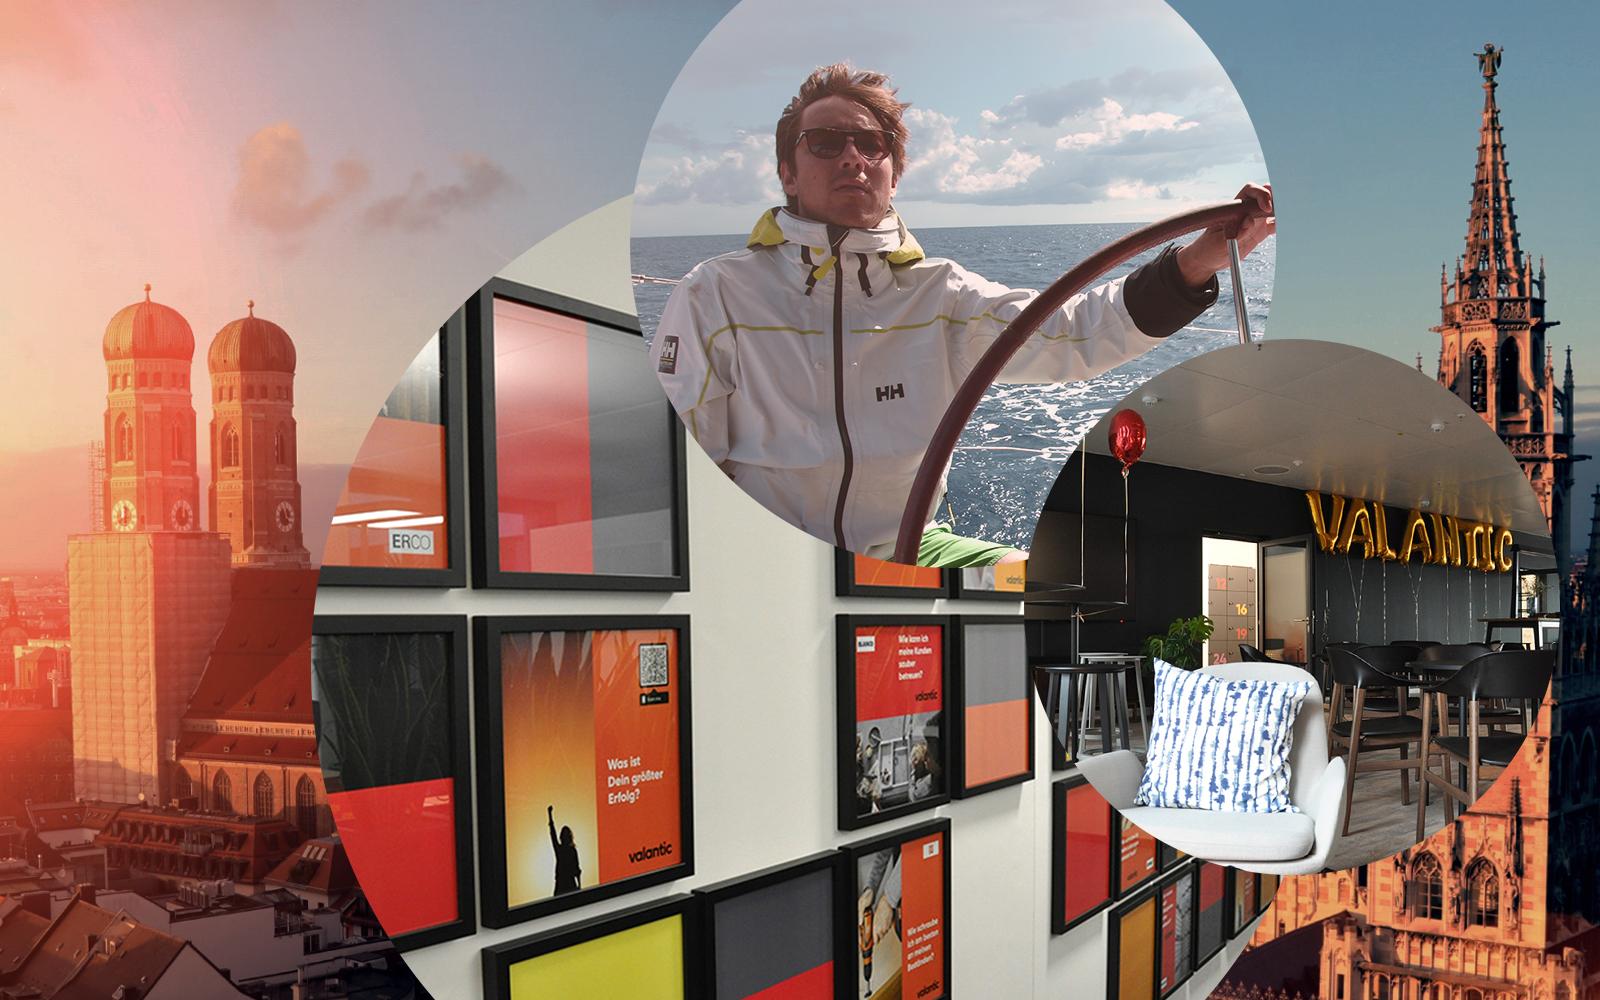 Bild von Claudius Rieger, Senior Consultant Integrated Business Planning bei valantic Supply Chain Excellence, daneben Bilder des Münchener valantic Büros, im Hintergrund die Stadt München